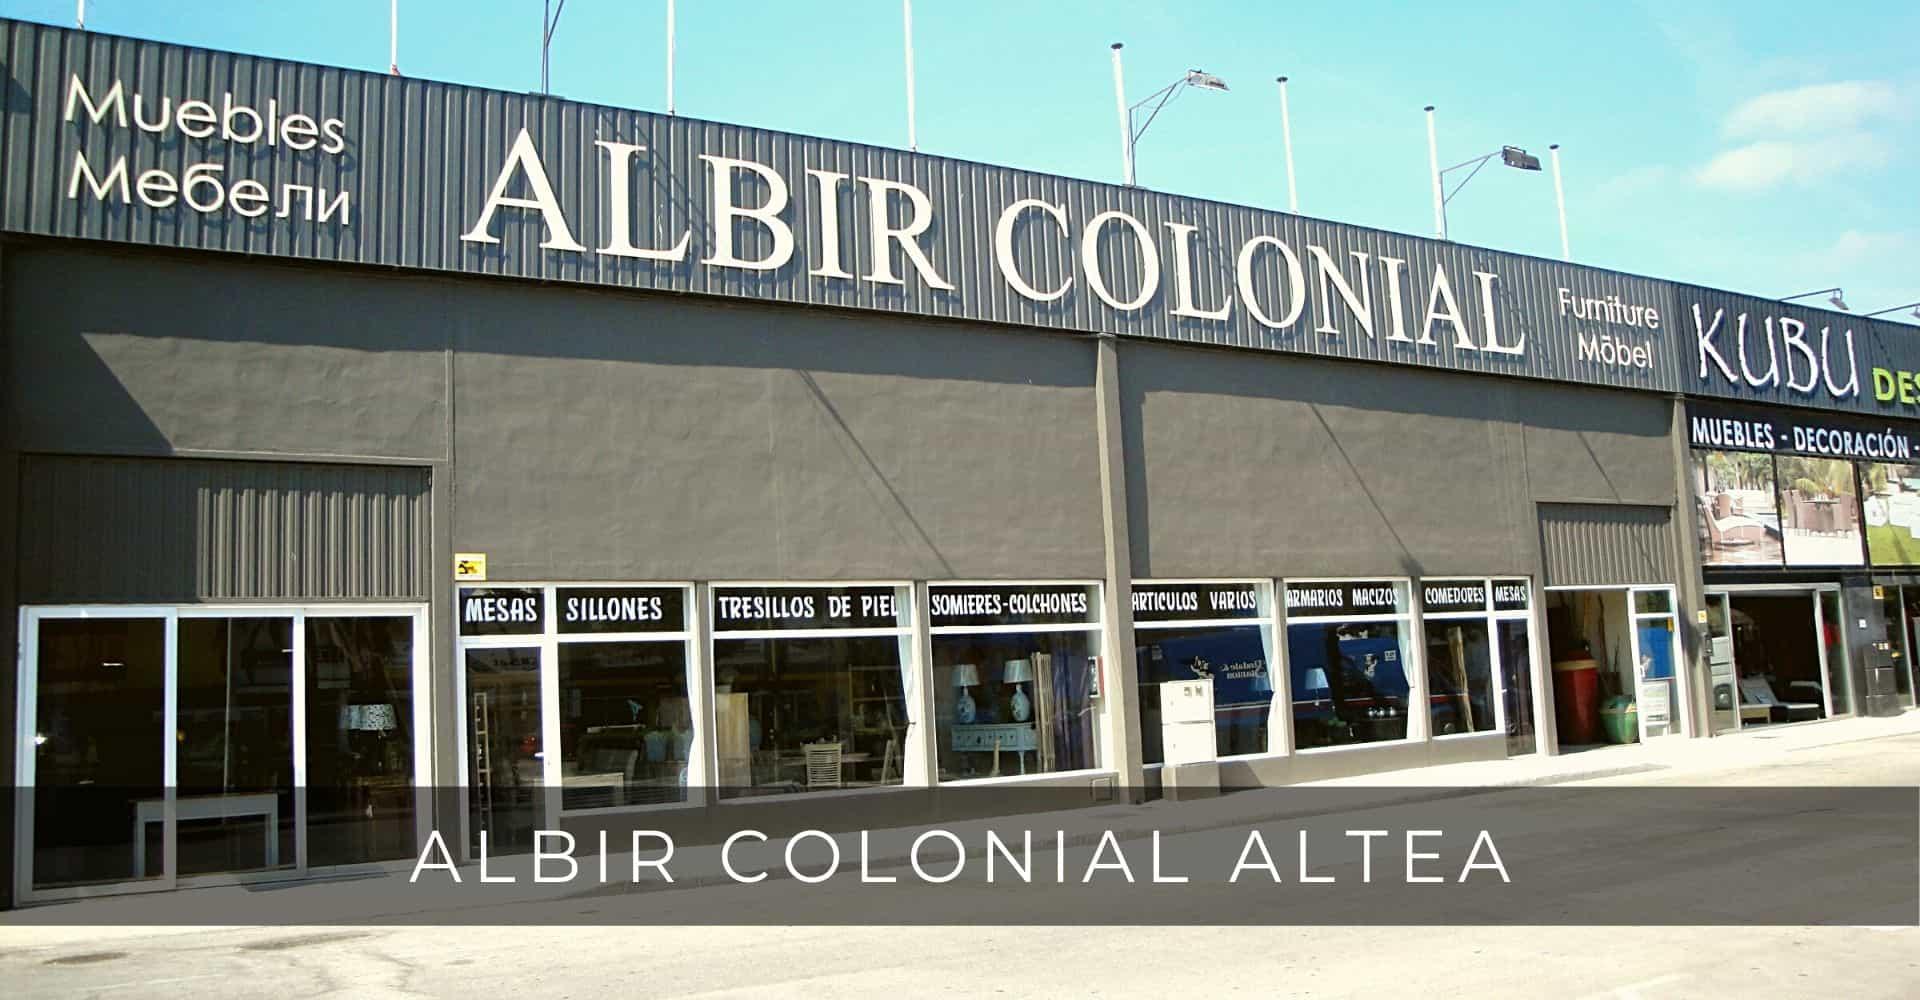 tiendas-de-muebles-albir-colonial-3-min.jpg